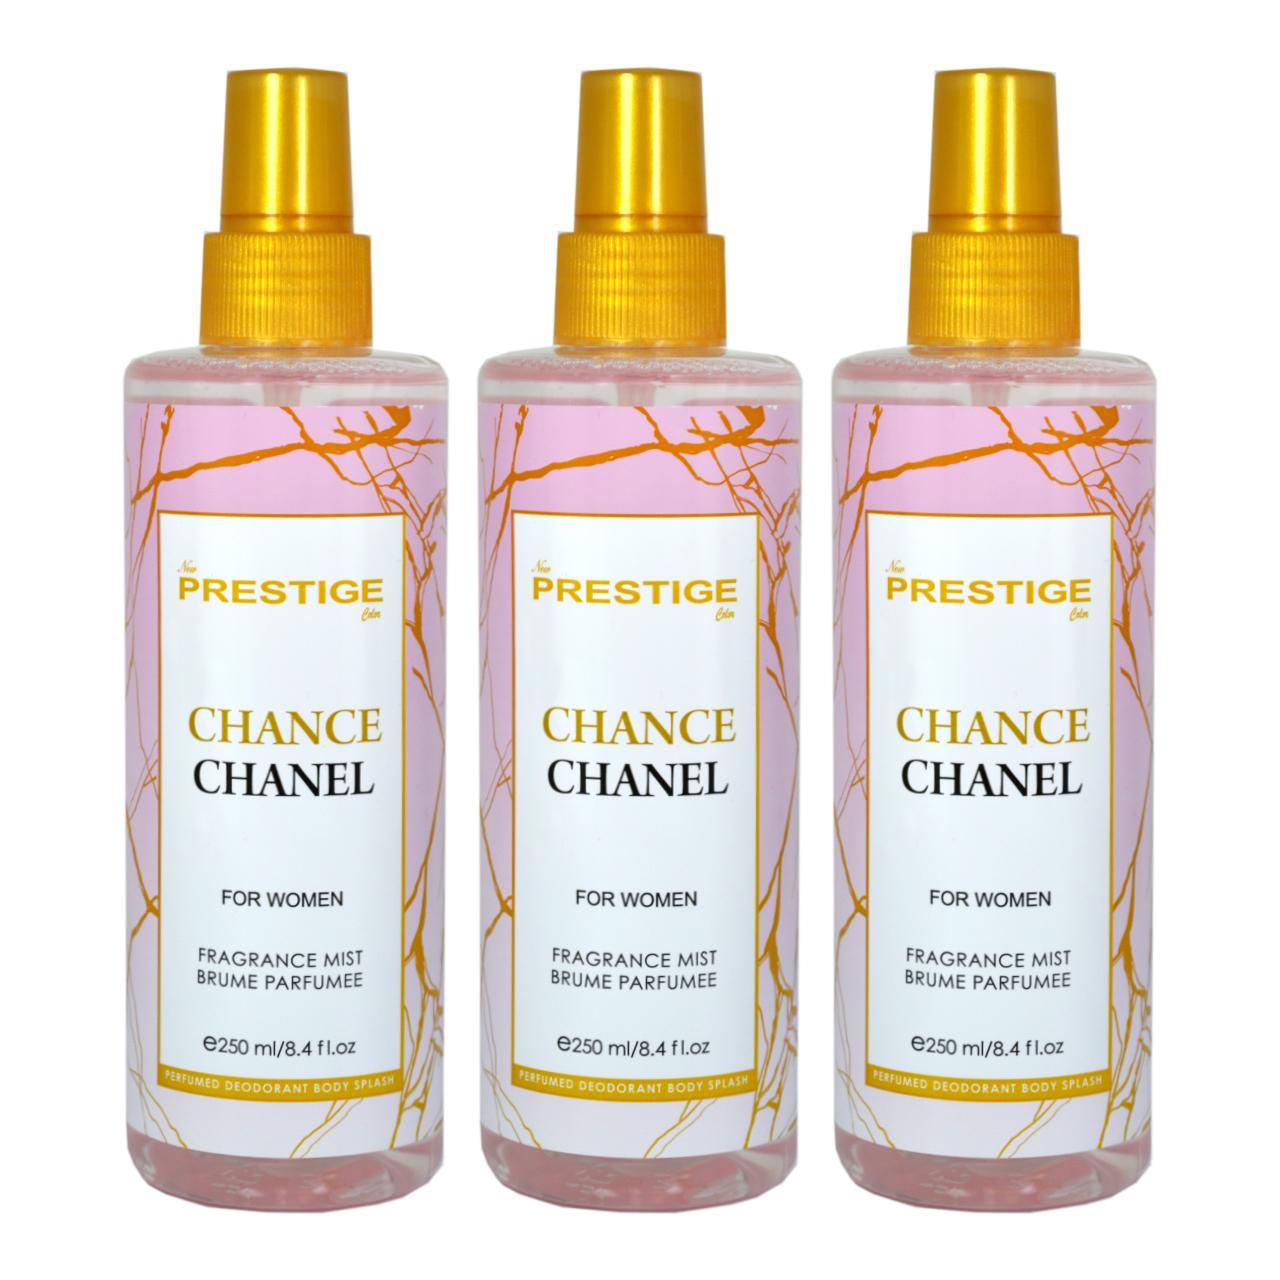 خرید اینترنتی بادی اسپلش زنانه پرستیژ مدل Chance Chanel حجم 250 میلی لیتر مجموعه 3 عددی اورجینال